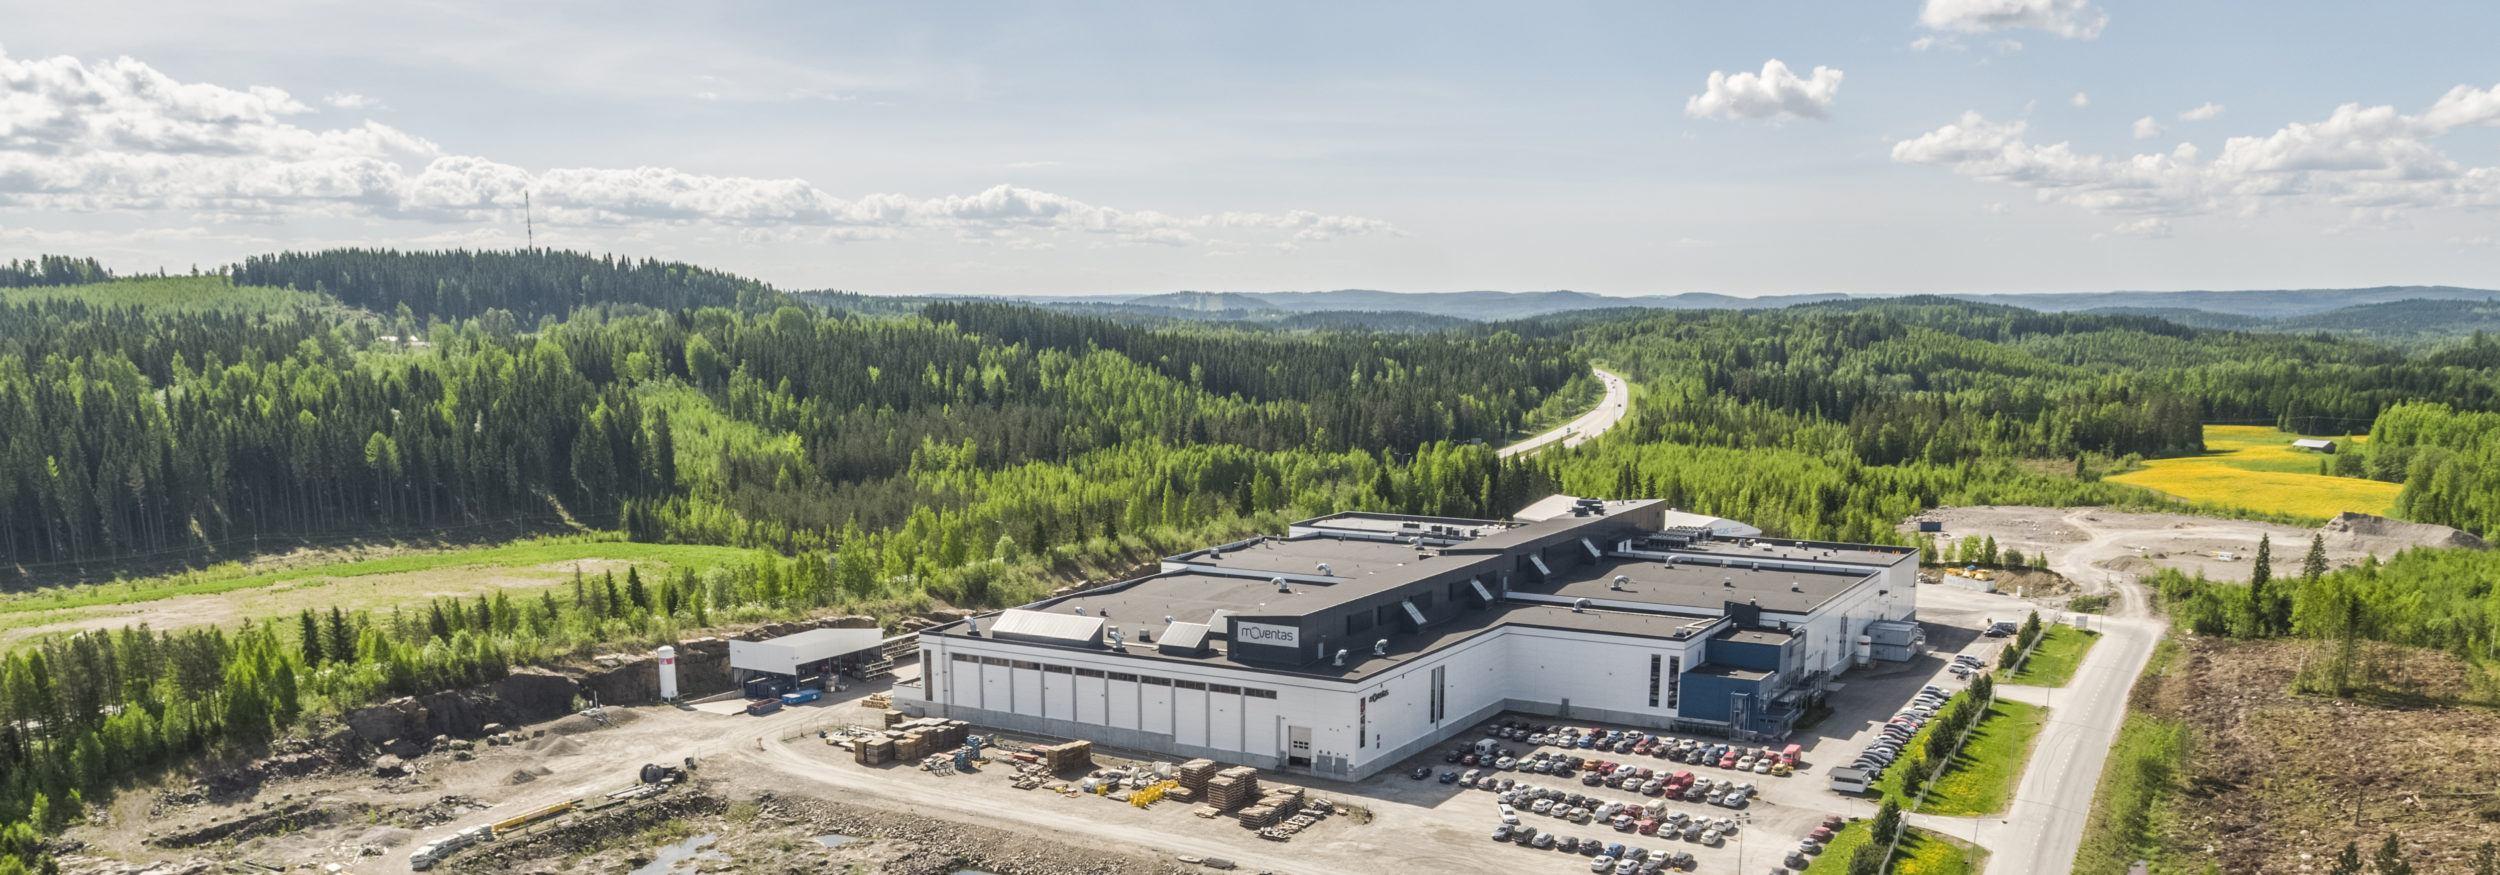 Jyväskylä_Finland_gearbox_factory